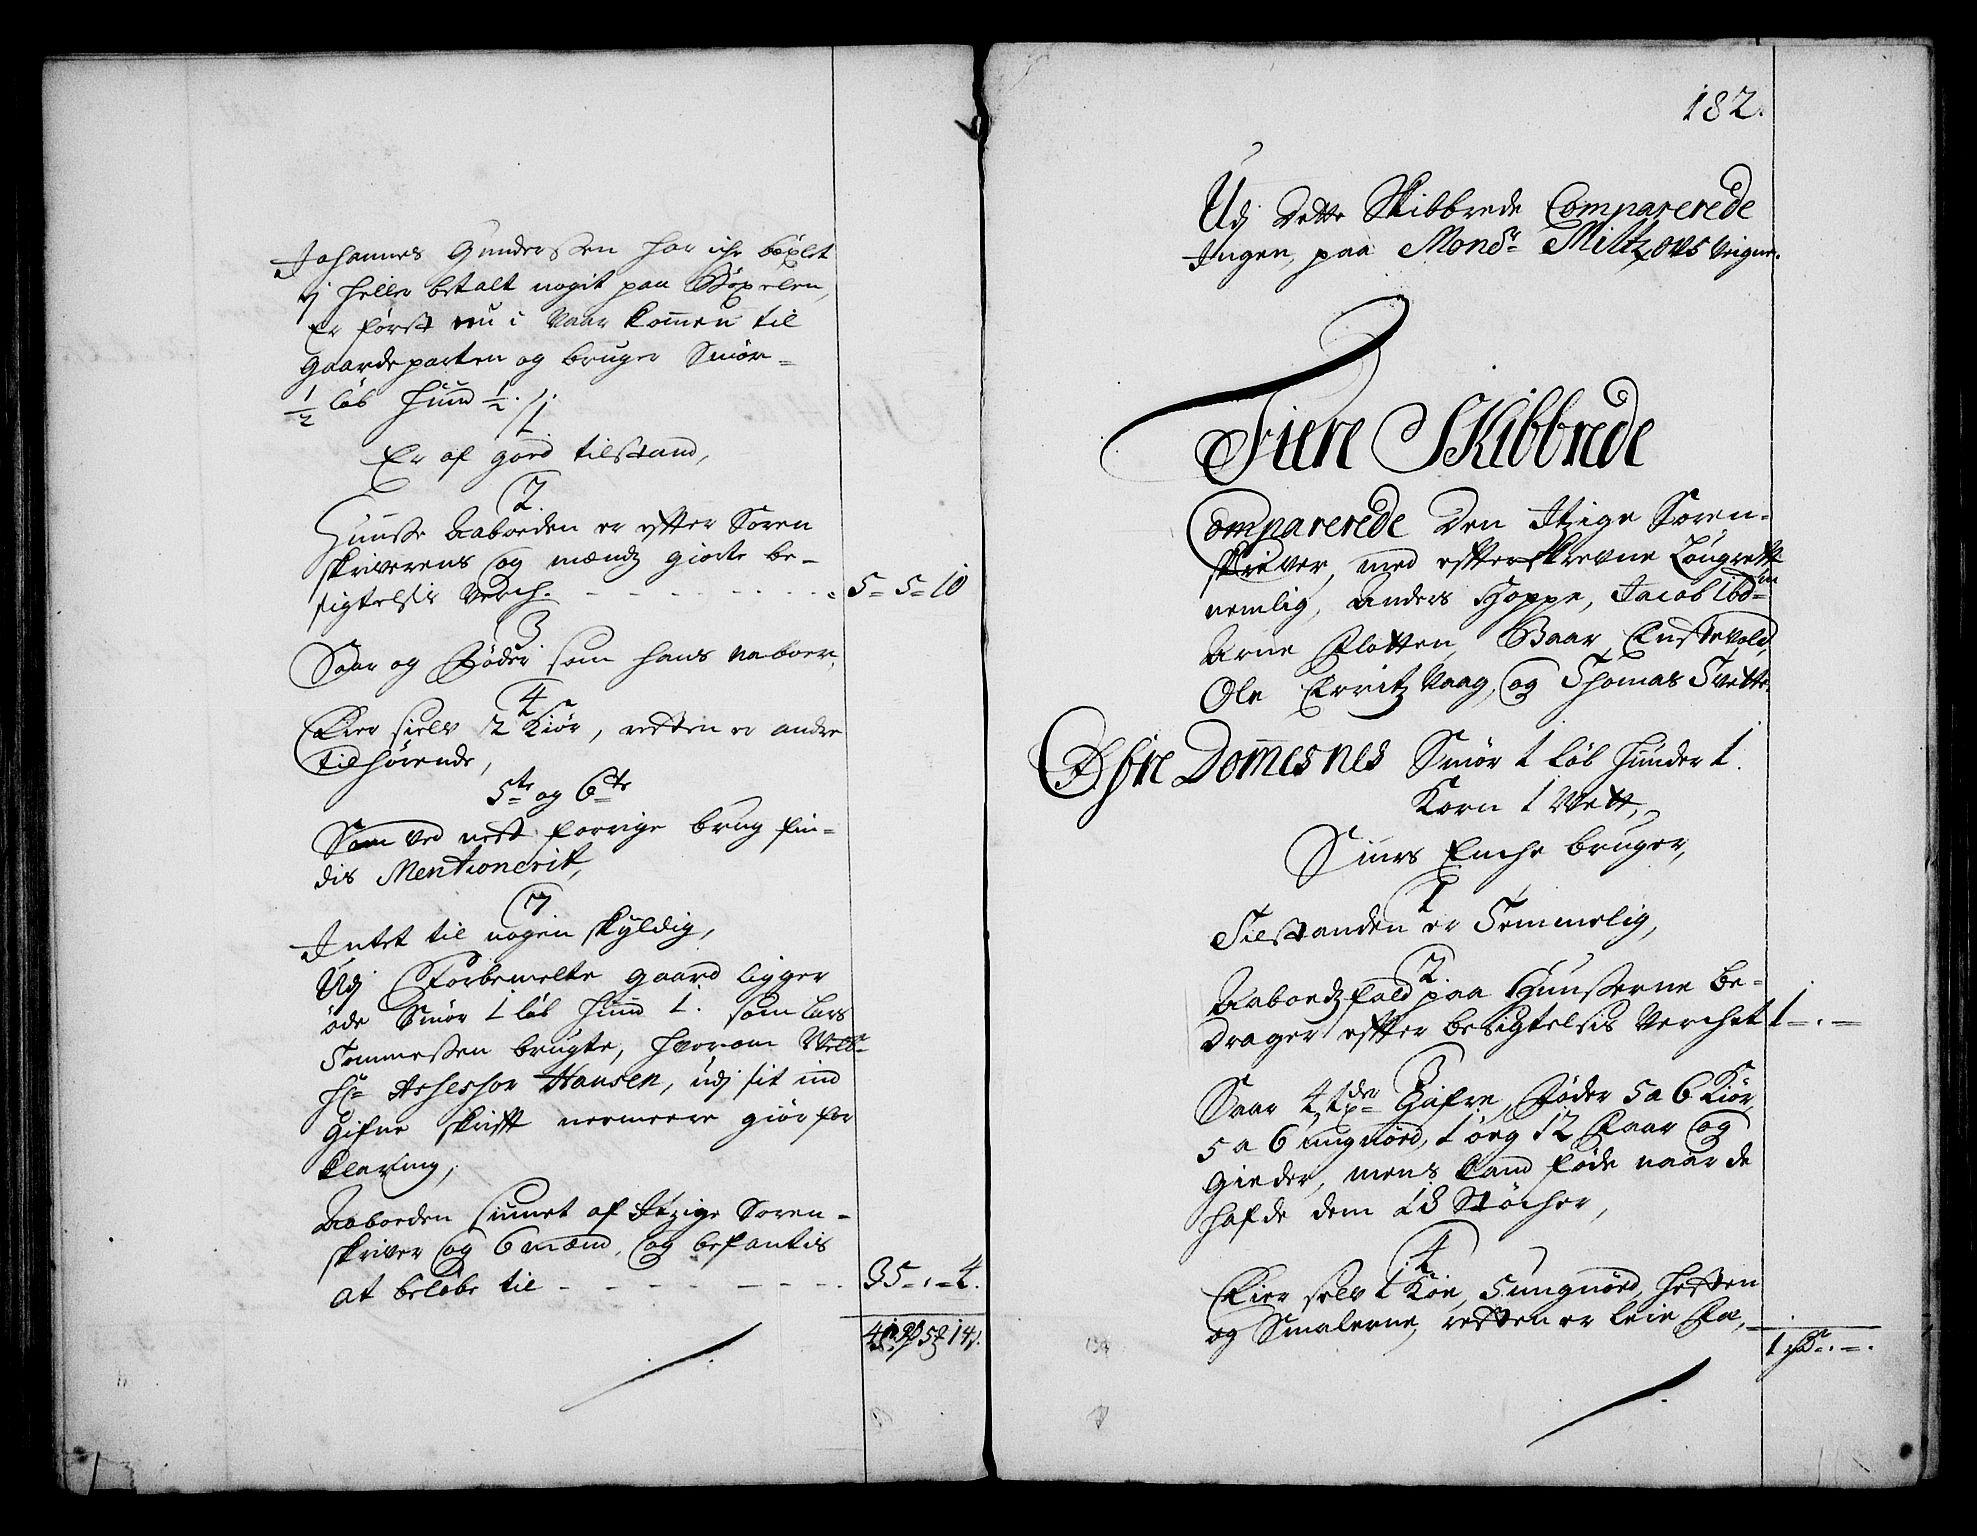 RA, Rentekammeret inntil 1814, Realistisk ordnet avdeling, On/L0003: [Jj 4]: Kommisjonsforretning over Vilhelm Hanssøns forpaktning av Halsnøy klosters gods, 1712-1722, s. 181b-182a